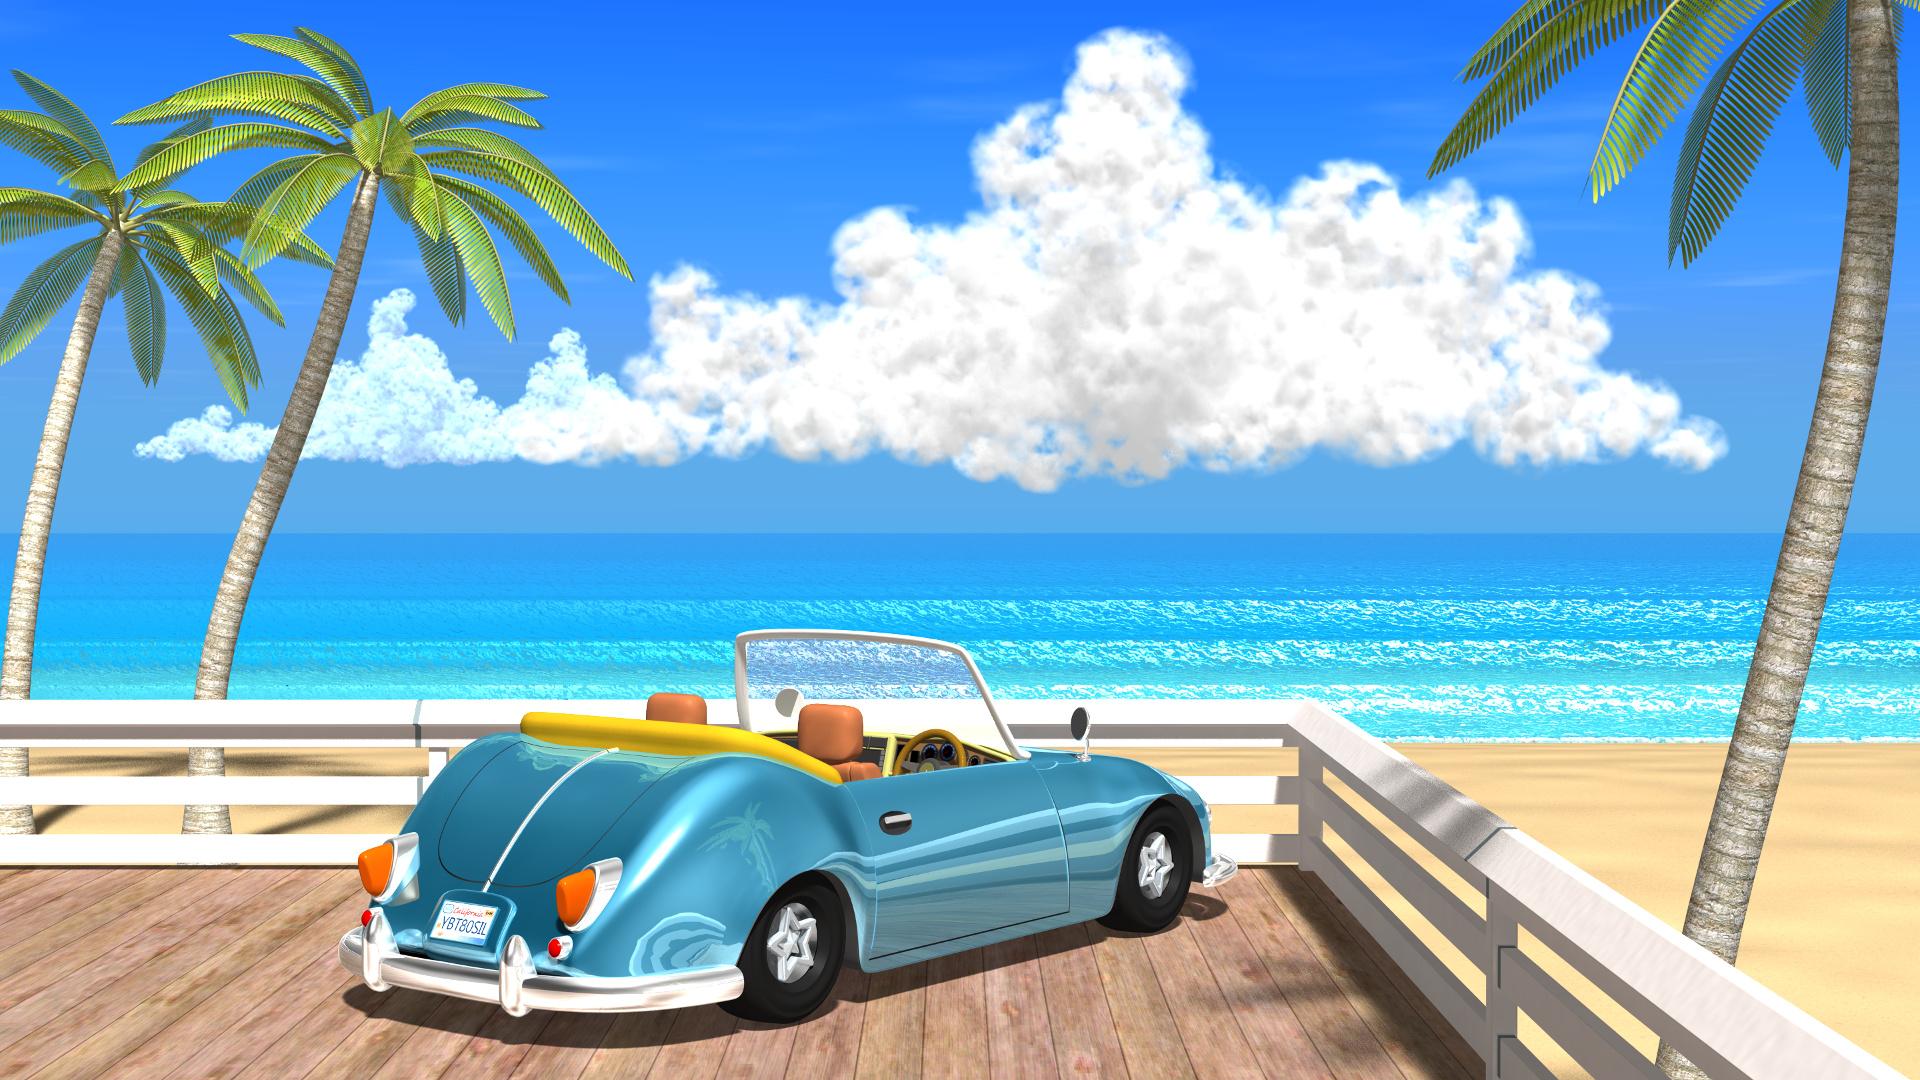 3DCG壁紙 夏の海と椰子の木と車-1